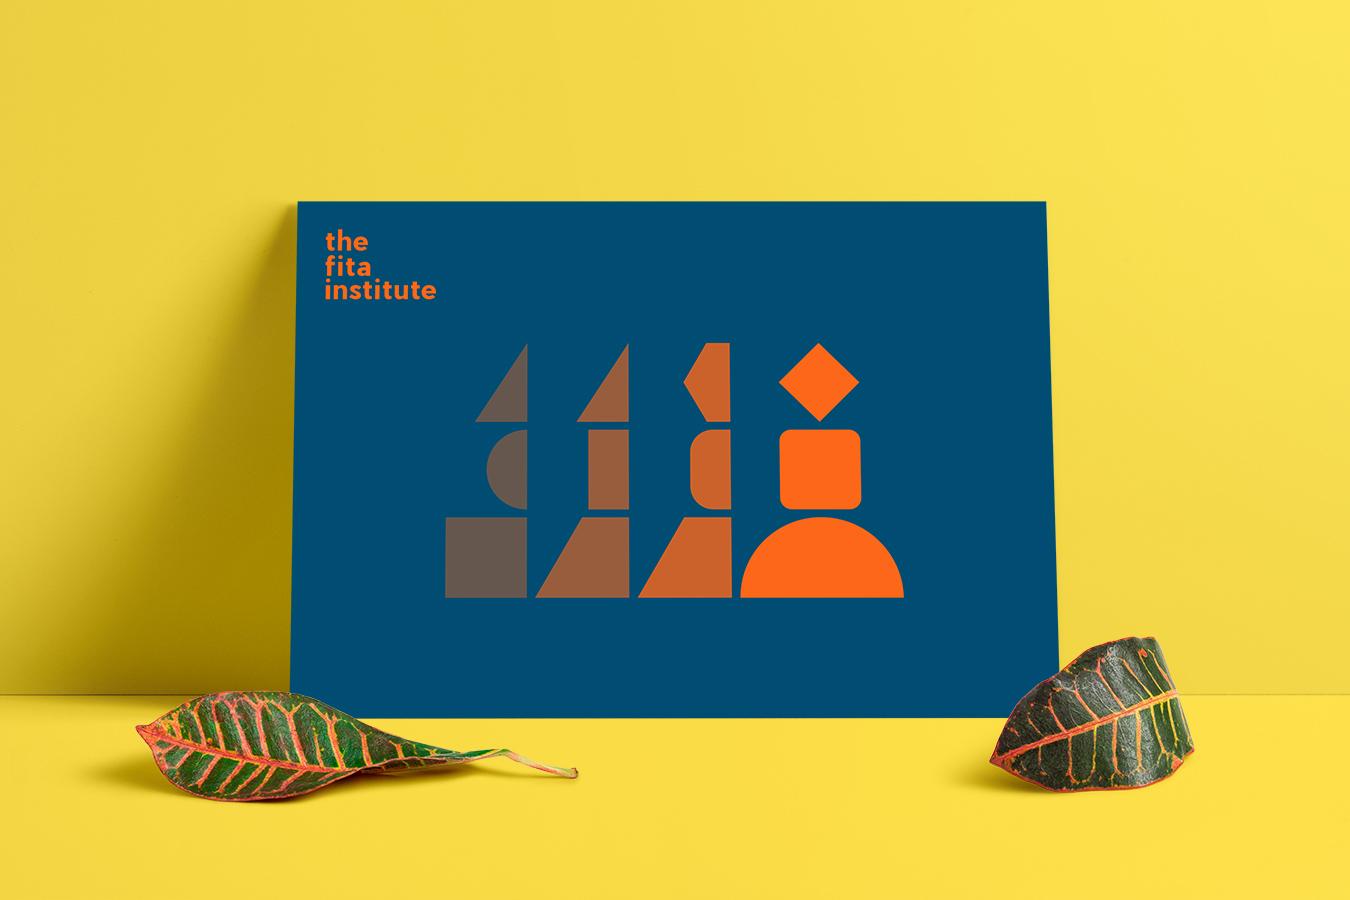 The FITA Institute - Eva Arias Graphic Studio